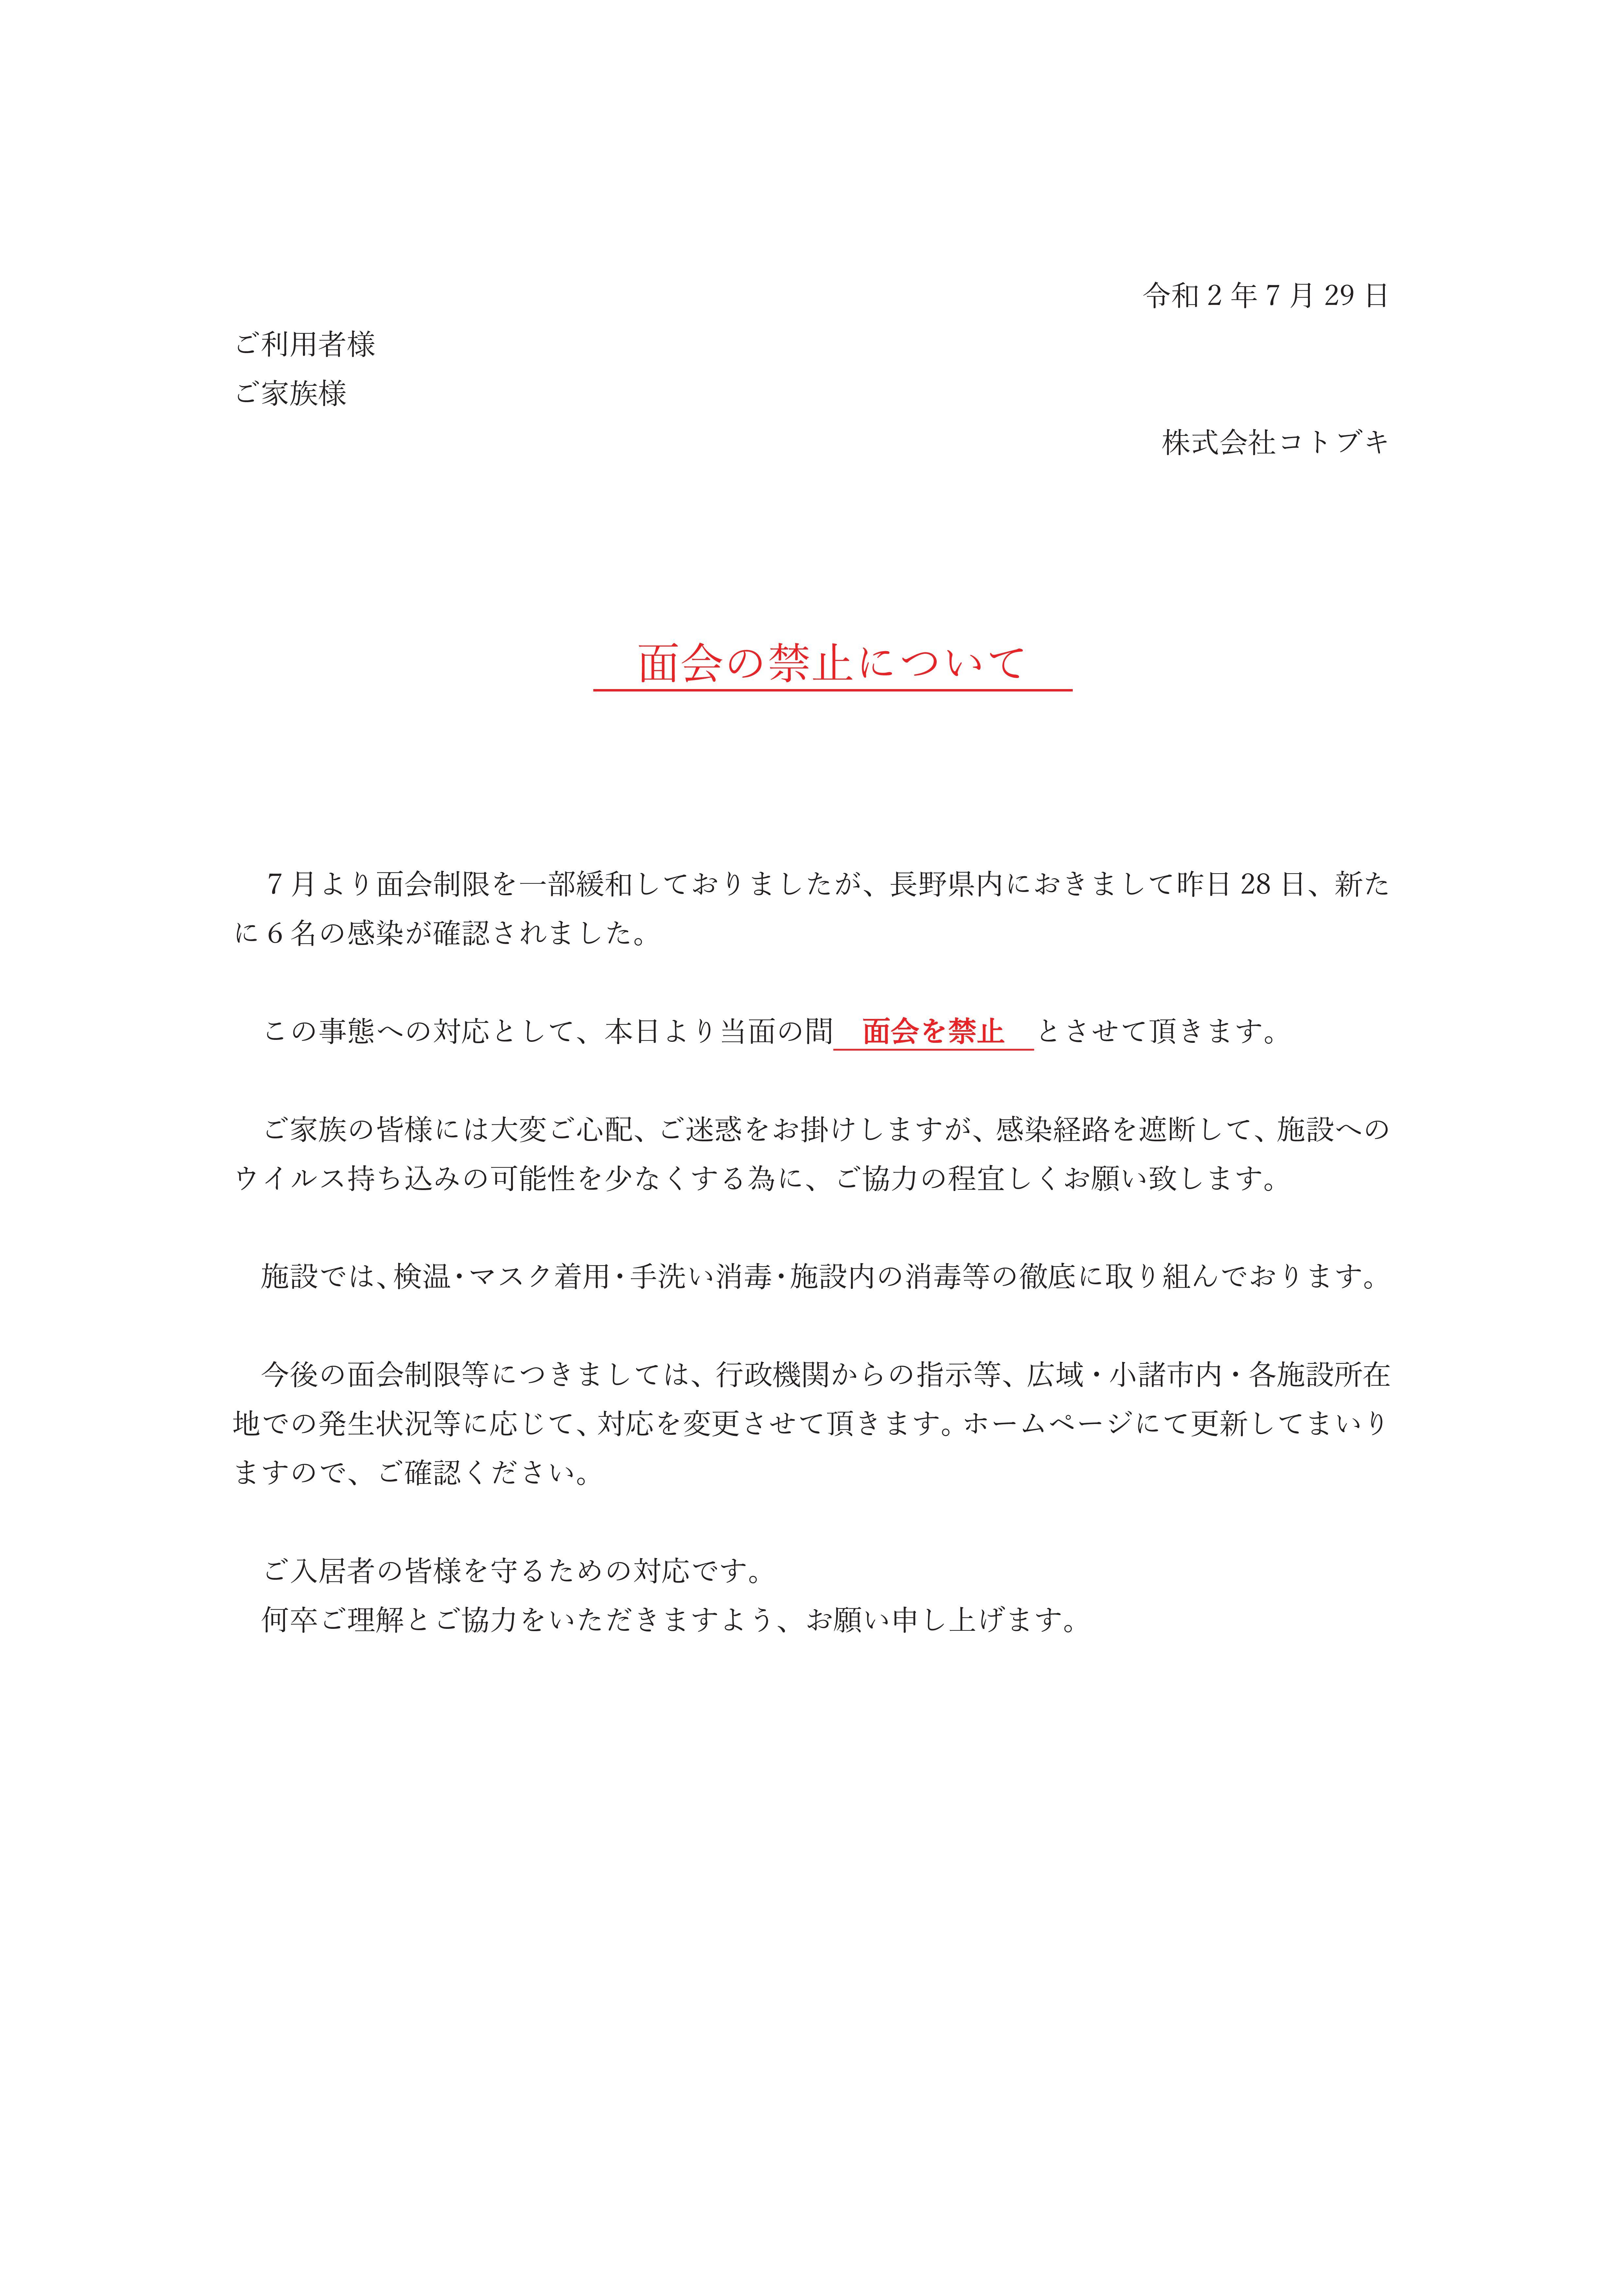 長野県内で発生した新型コロナ感染症 面会禁止 簡潔 0728